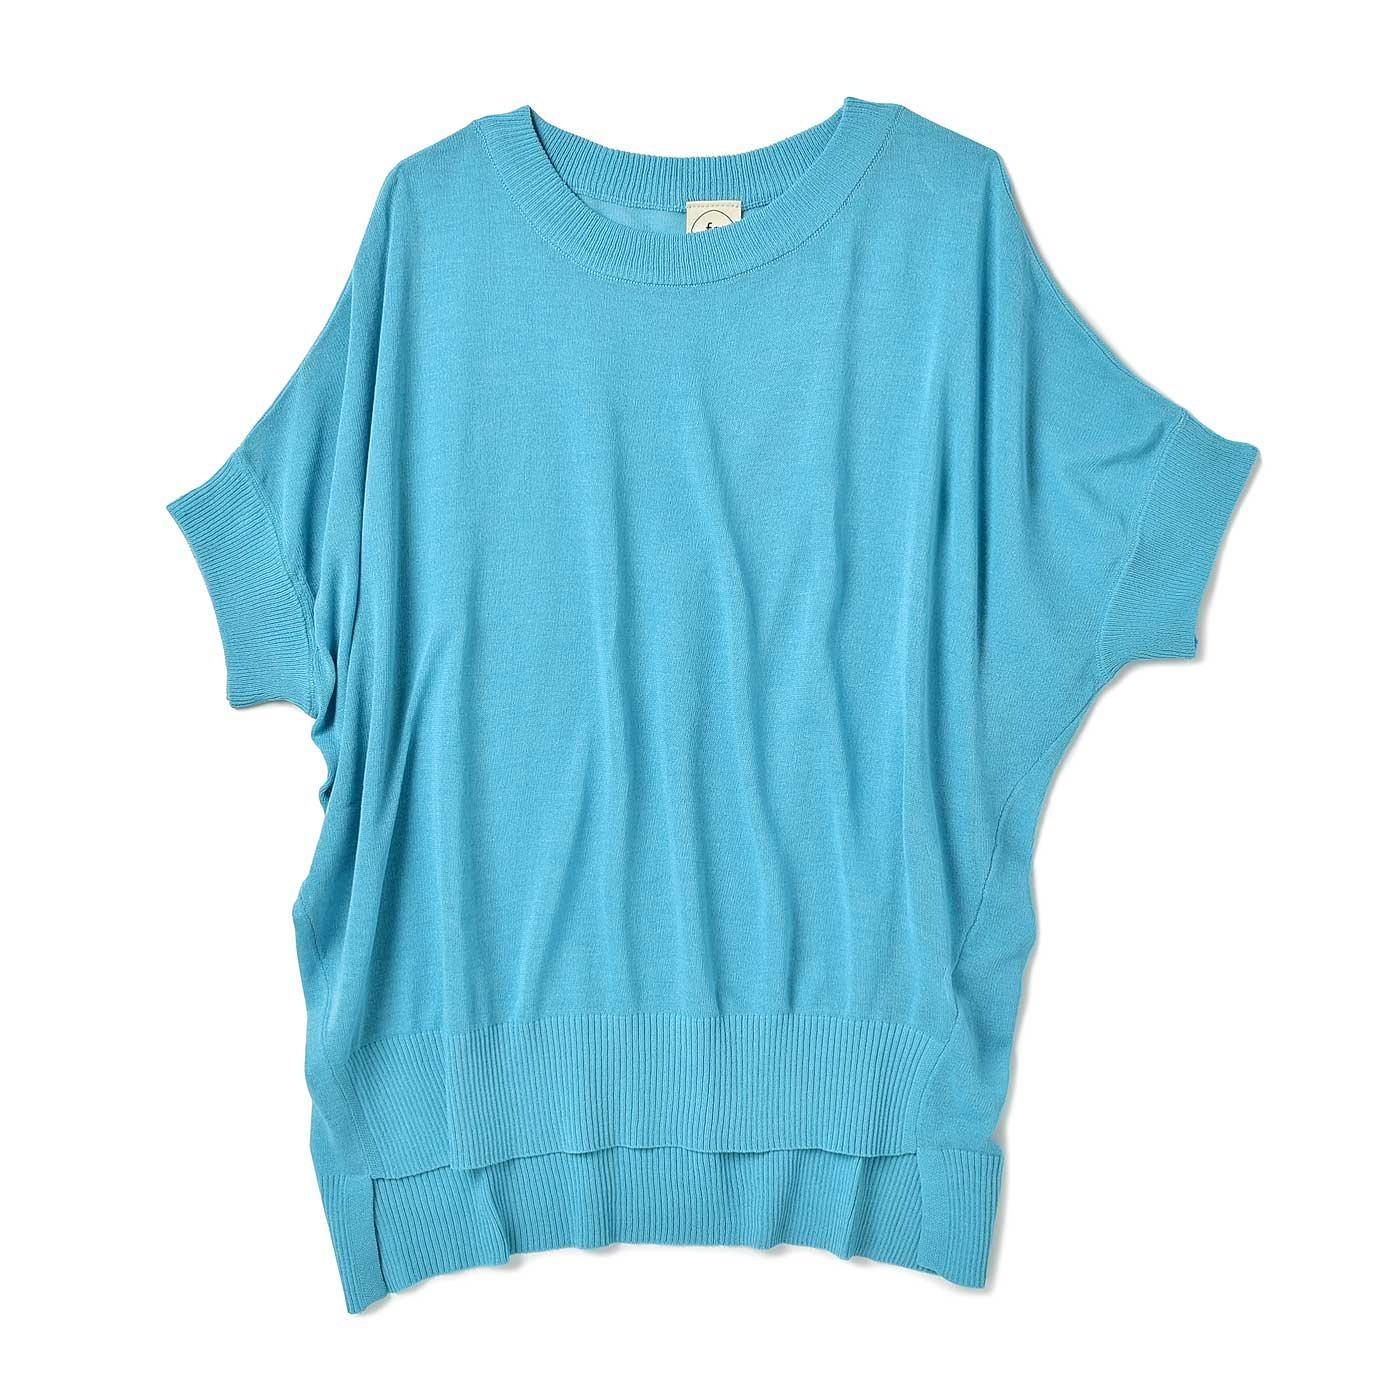 フラウグラット 大人のTシャツ代わりに毎日着たい 透け感が魅力の 麻混ニットトップス〈ライトブルー〉